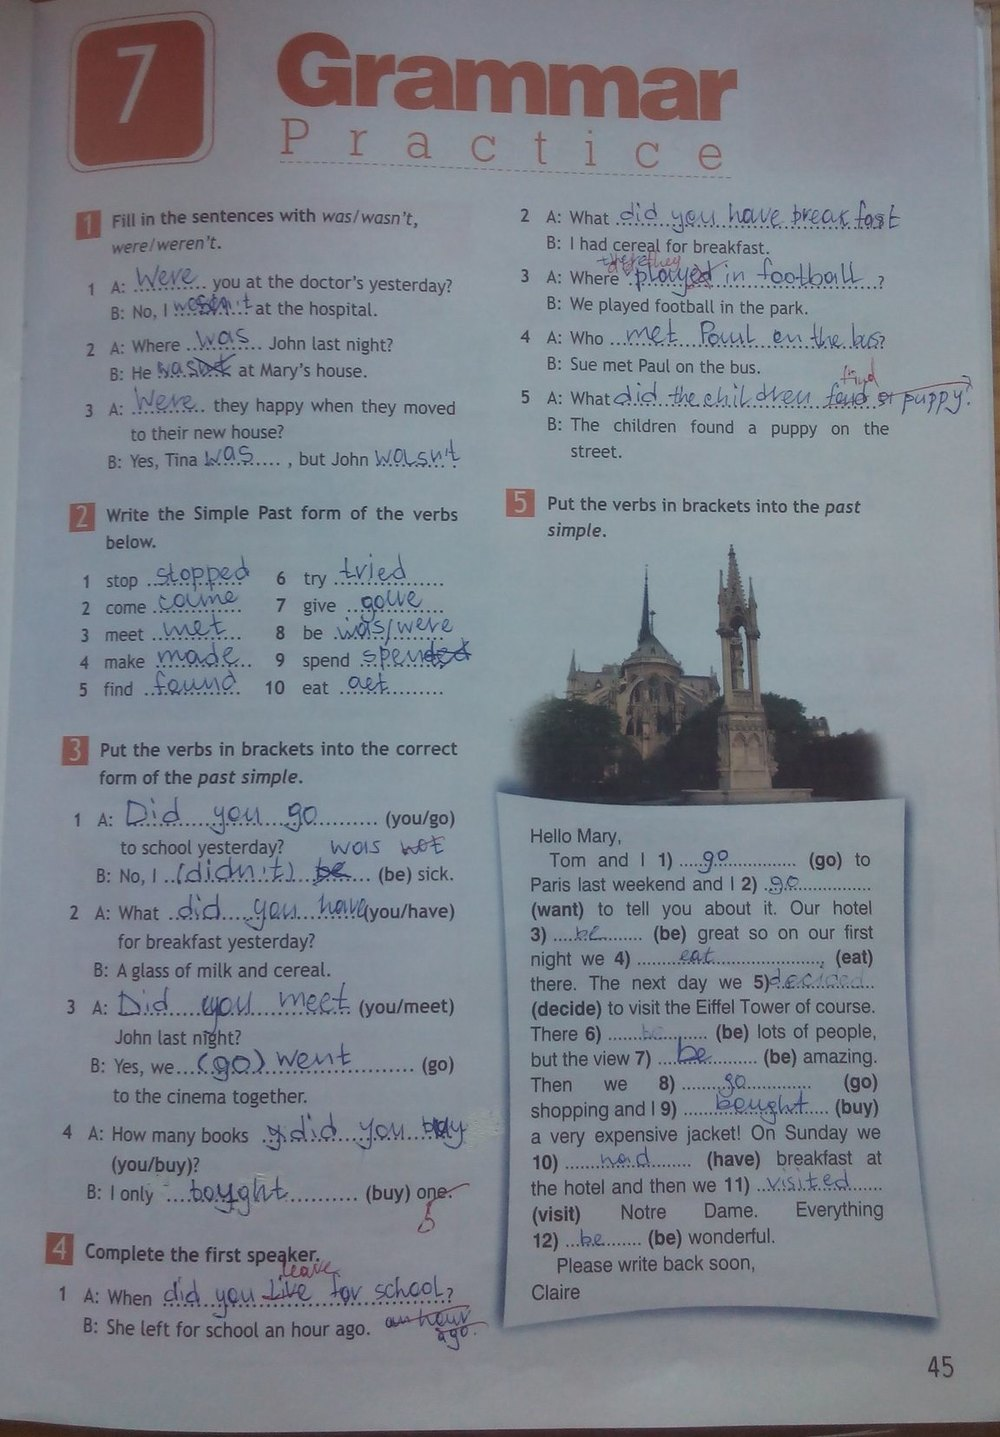 Английскому 6 workbook гдз ответы тетрадь рабочая по языку spotlight класс